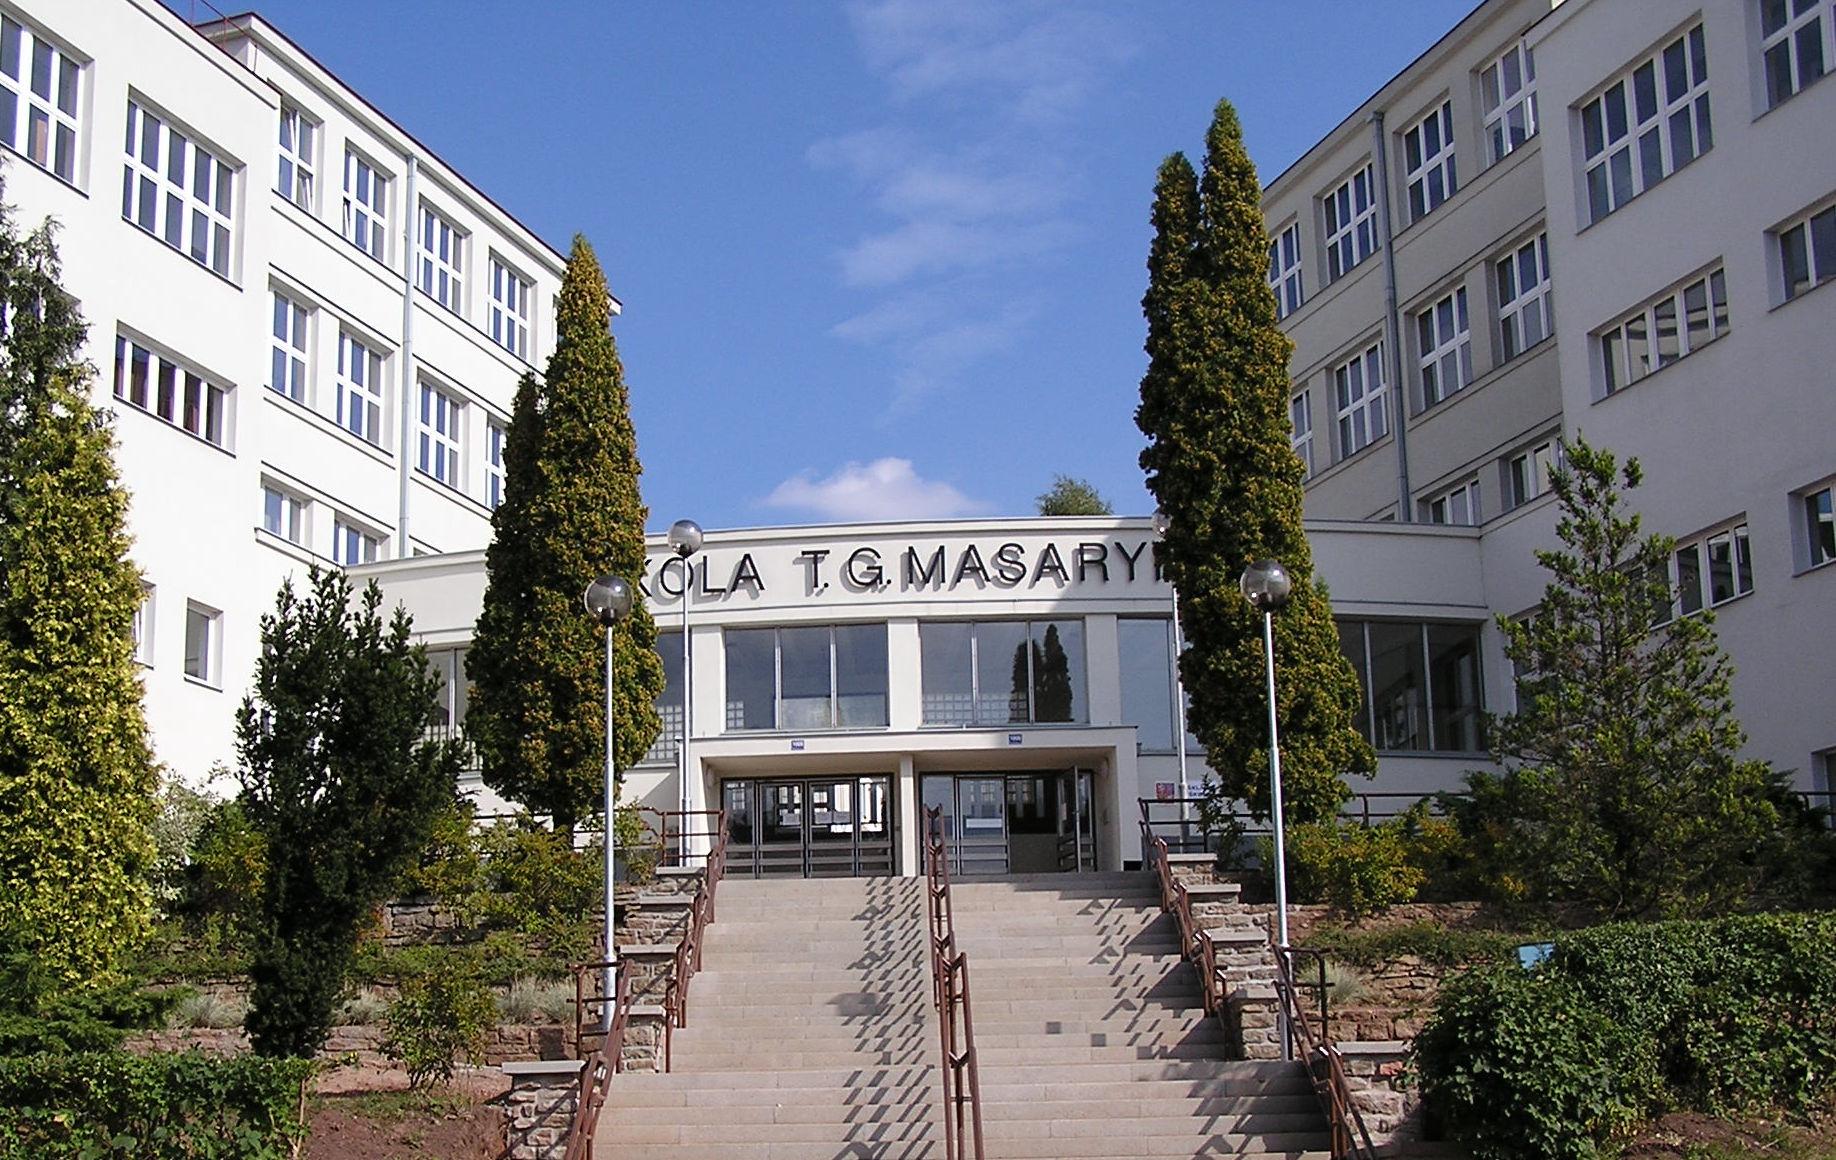 Novou ředitelkou ZŠ T. G. Masaryka v Náchodě se stane Mgr. Radka Lokvencová